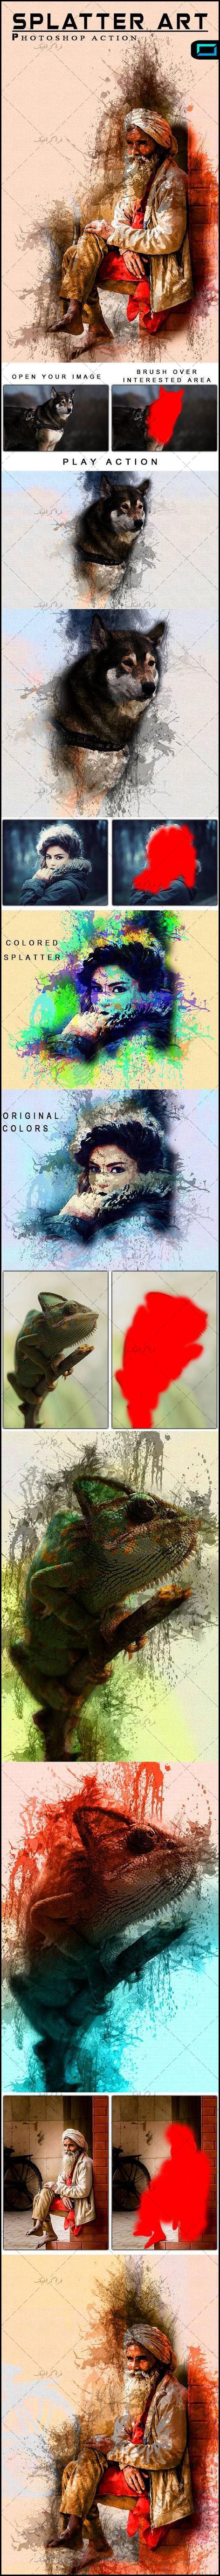 دانلود اکشن فتوشاپ افکت پاشیدن رنگ Splatter Art - رایگان